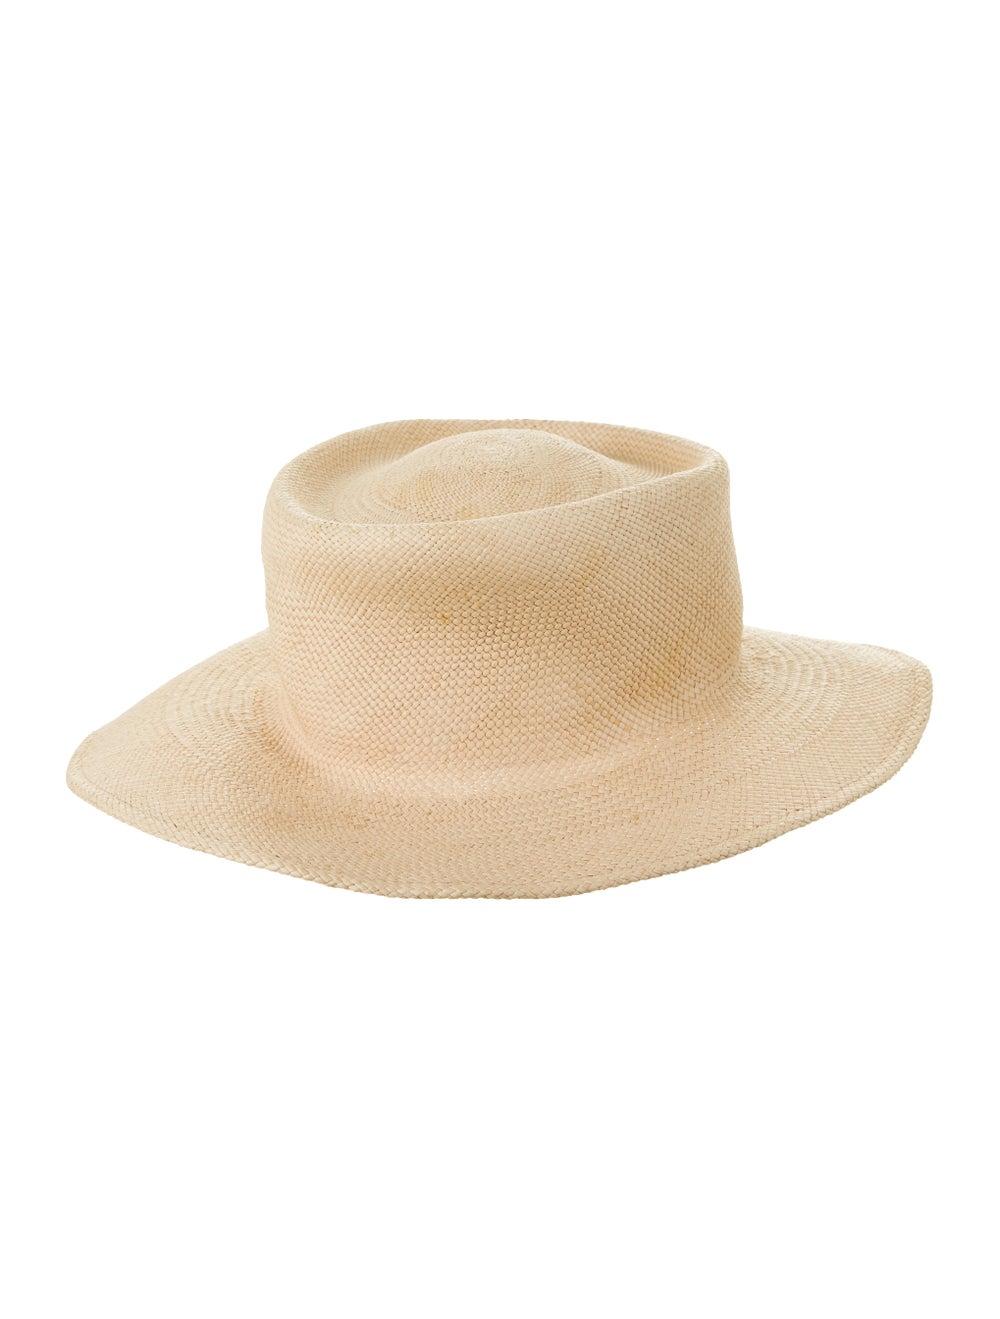 Clyde Straw Wide Brim Hat - image 1